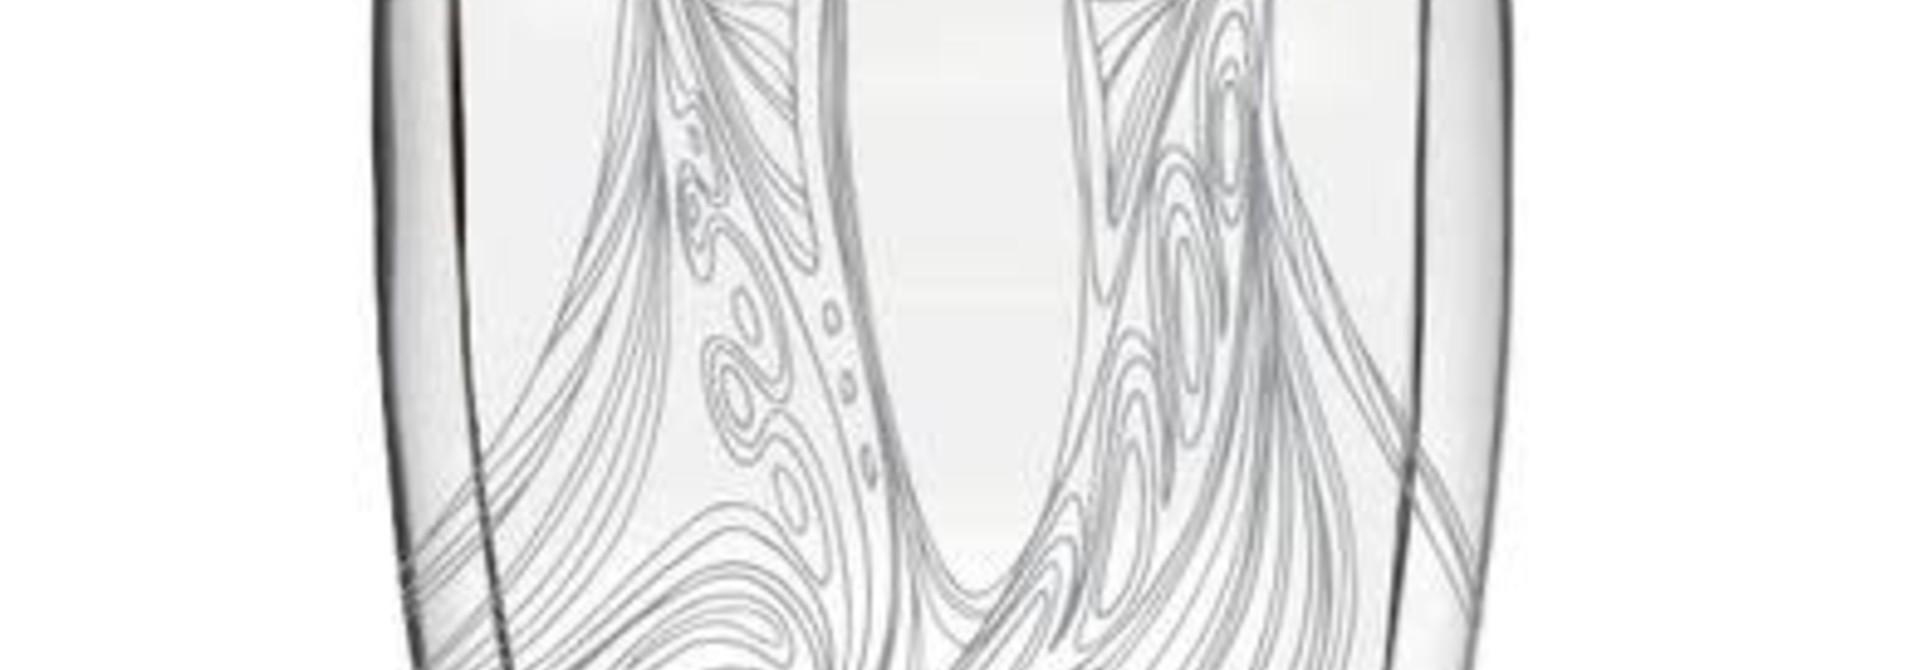 Double Wall Glass- Friends by Maxine Noel